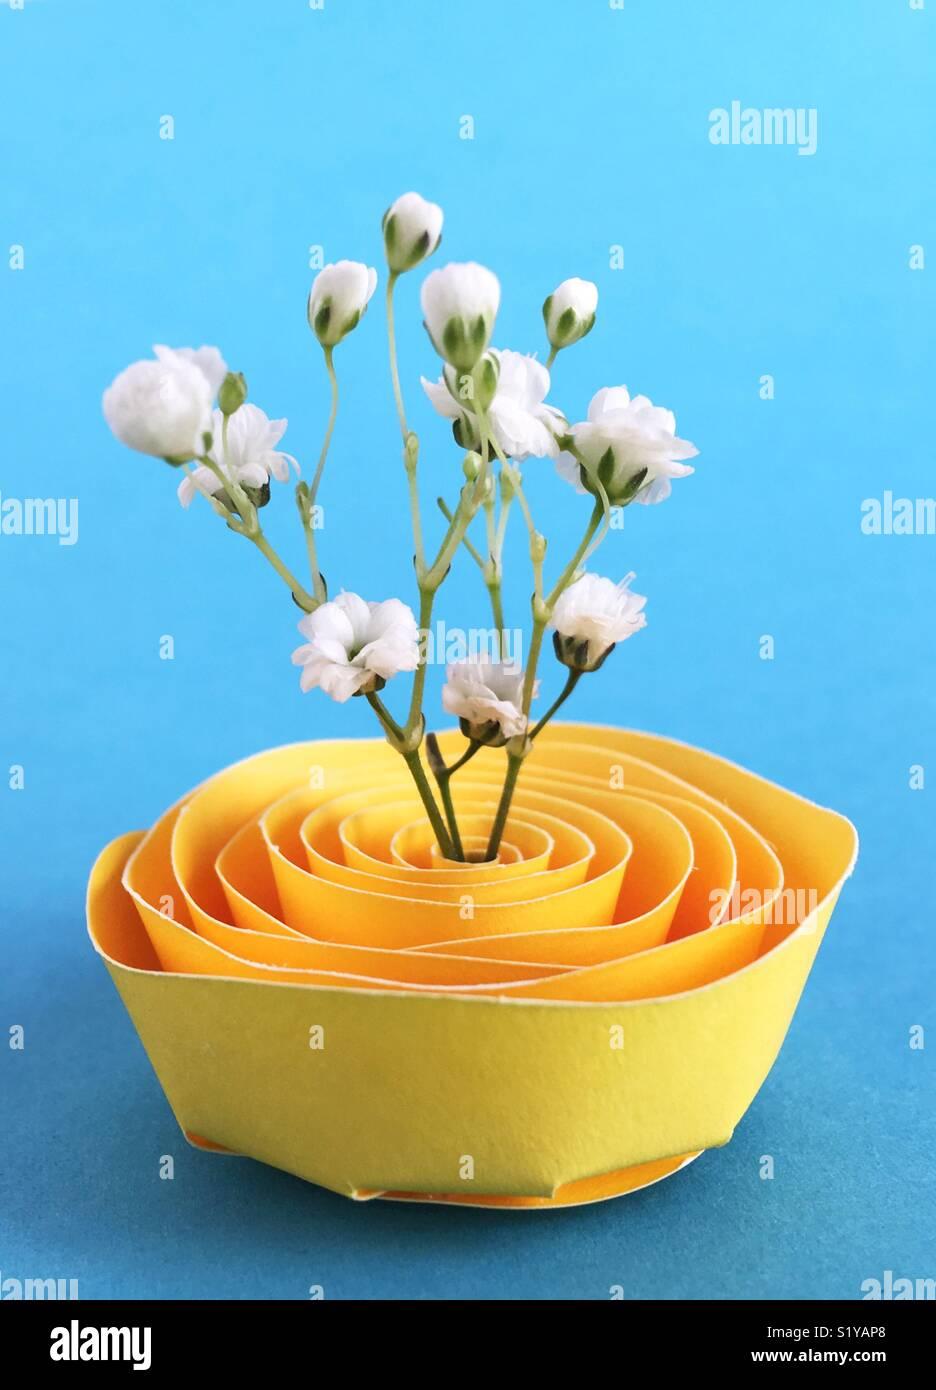 La respiración del bebé flores en un soporte de papel. Imagen De Stock